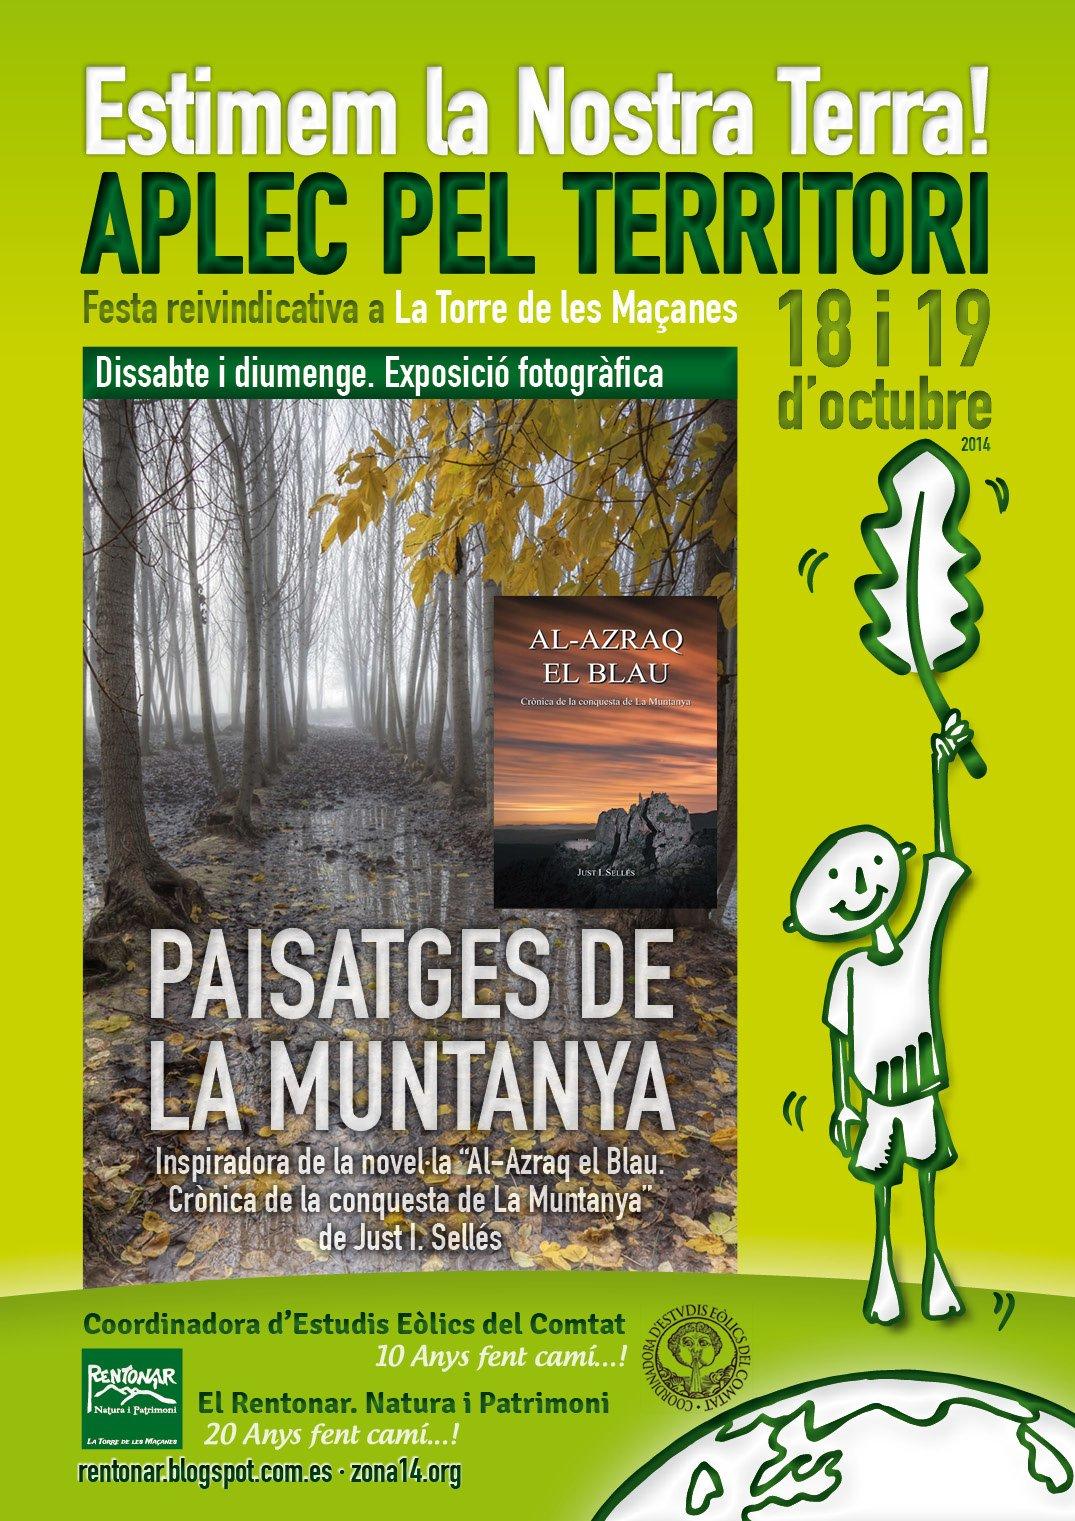 Exposició Fotogràfica a l'Aplec pel Territori. Paisatges de la Muntanya